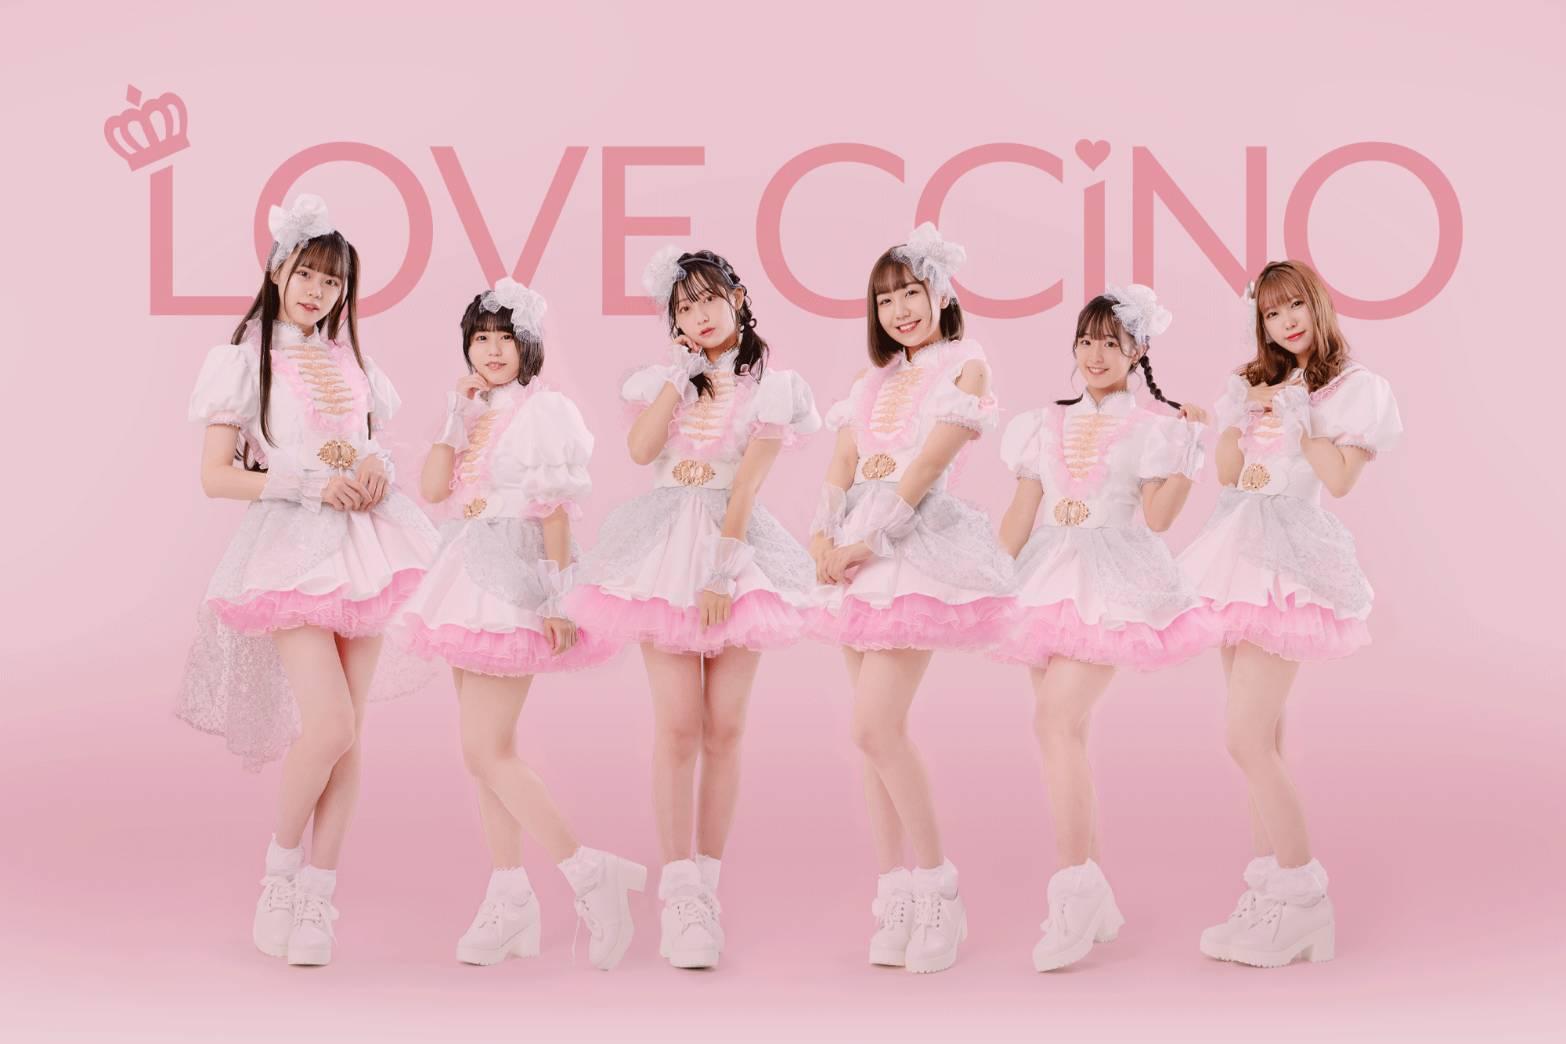 『LOVE CCiNO』